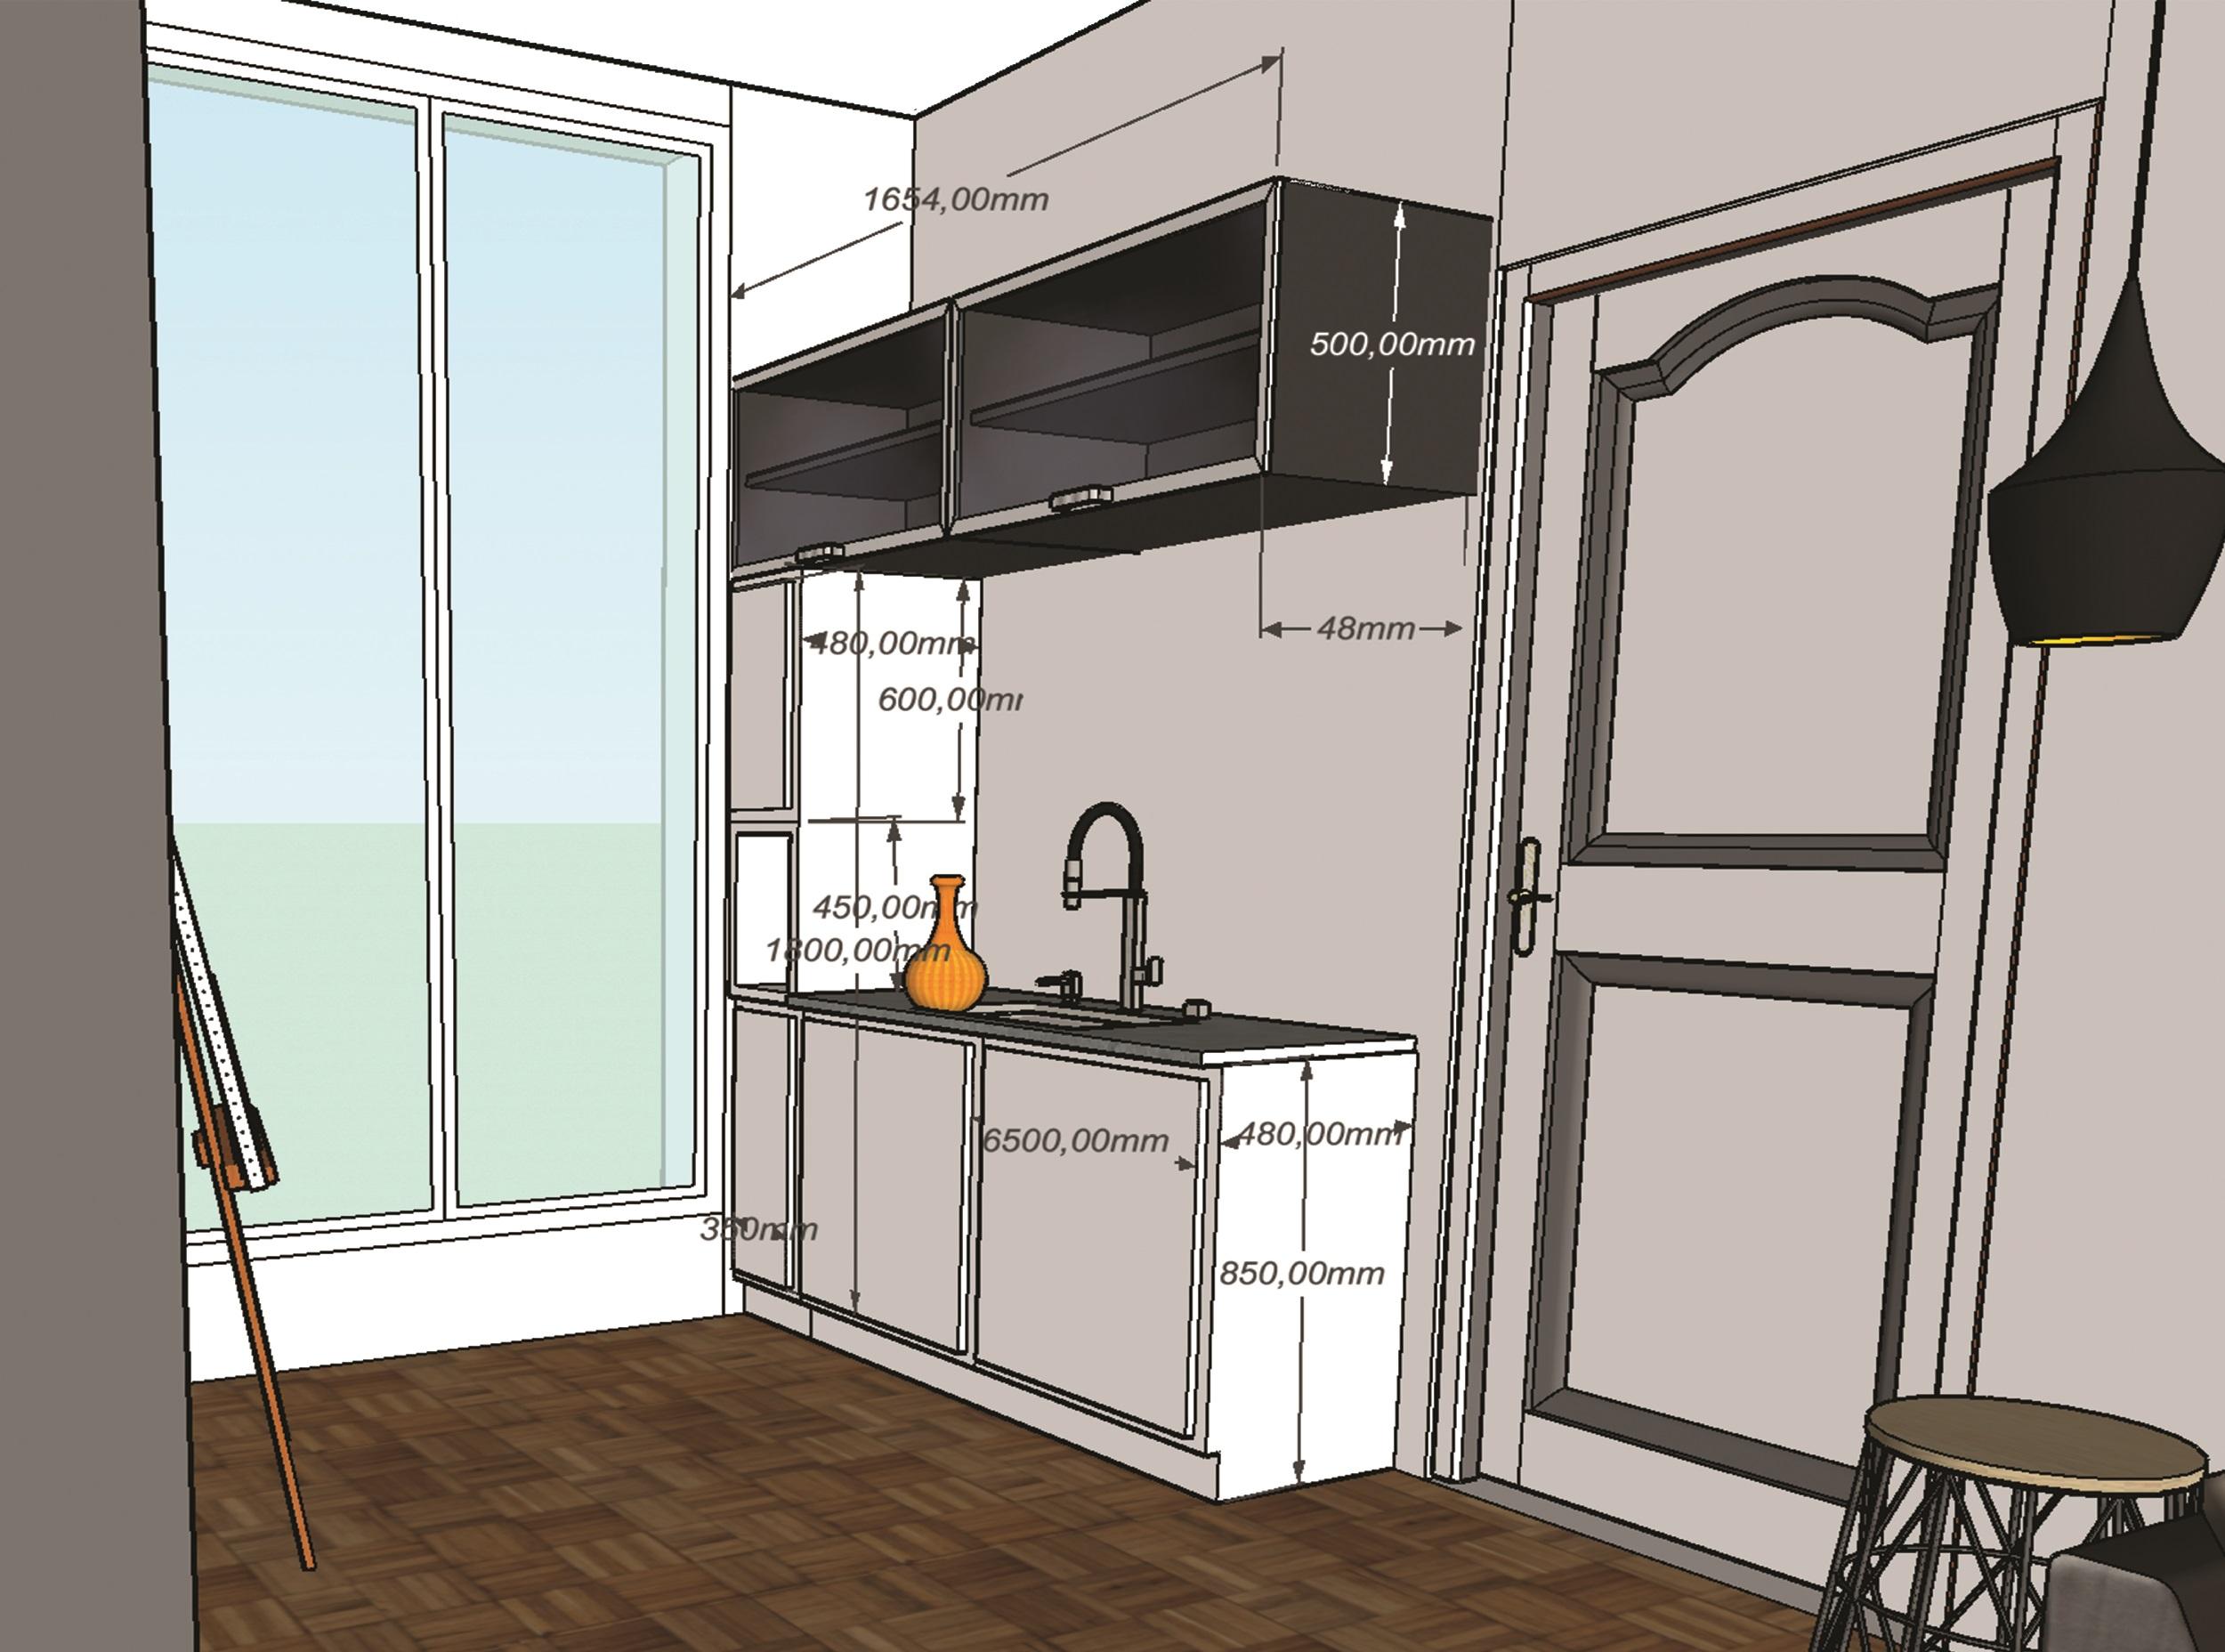 Studio chambre de bonne - mesure cuisine et rangements - Elahé Déco